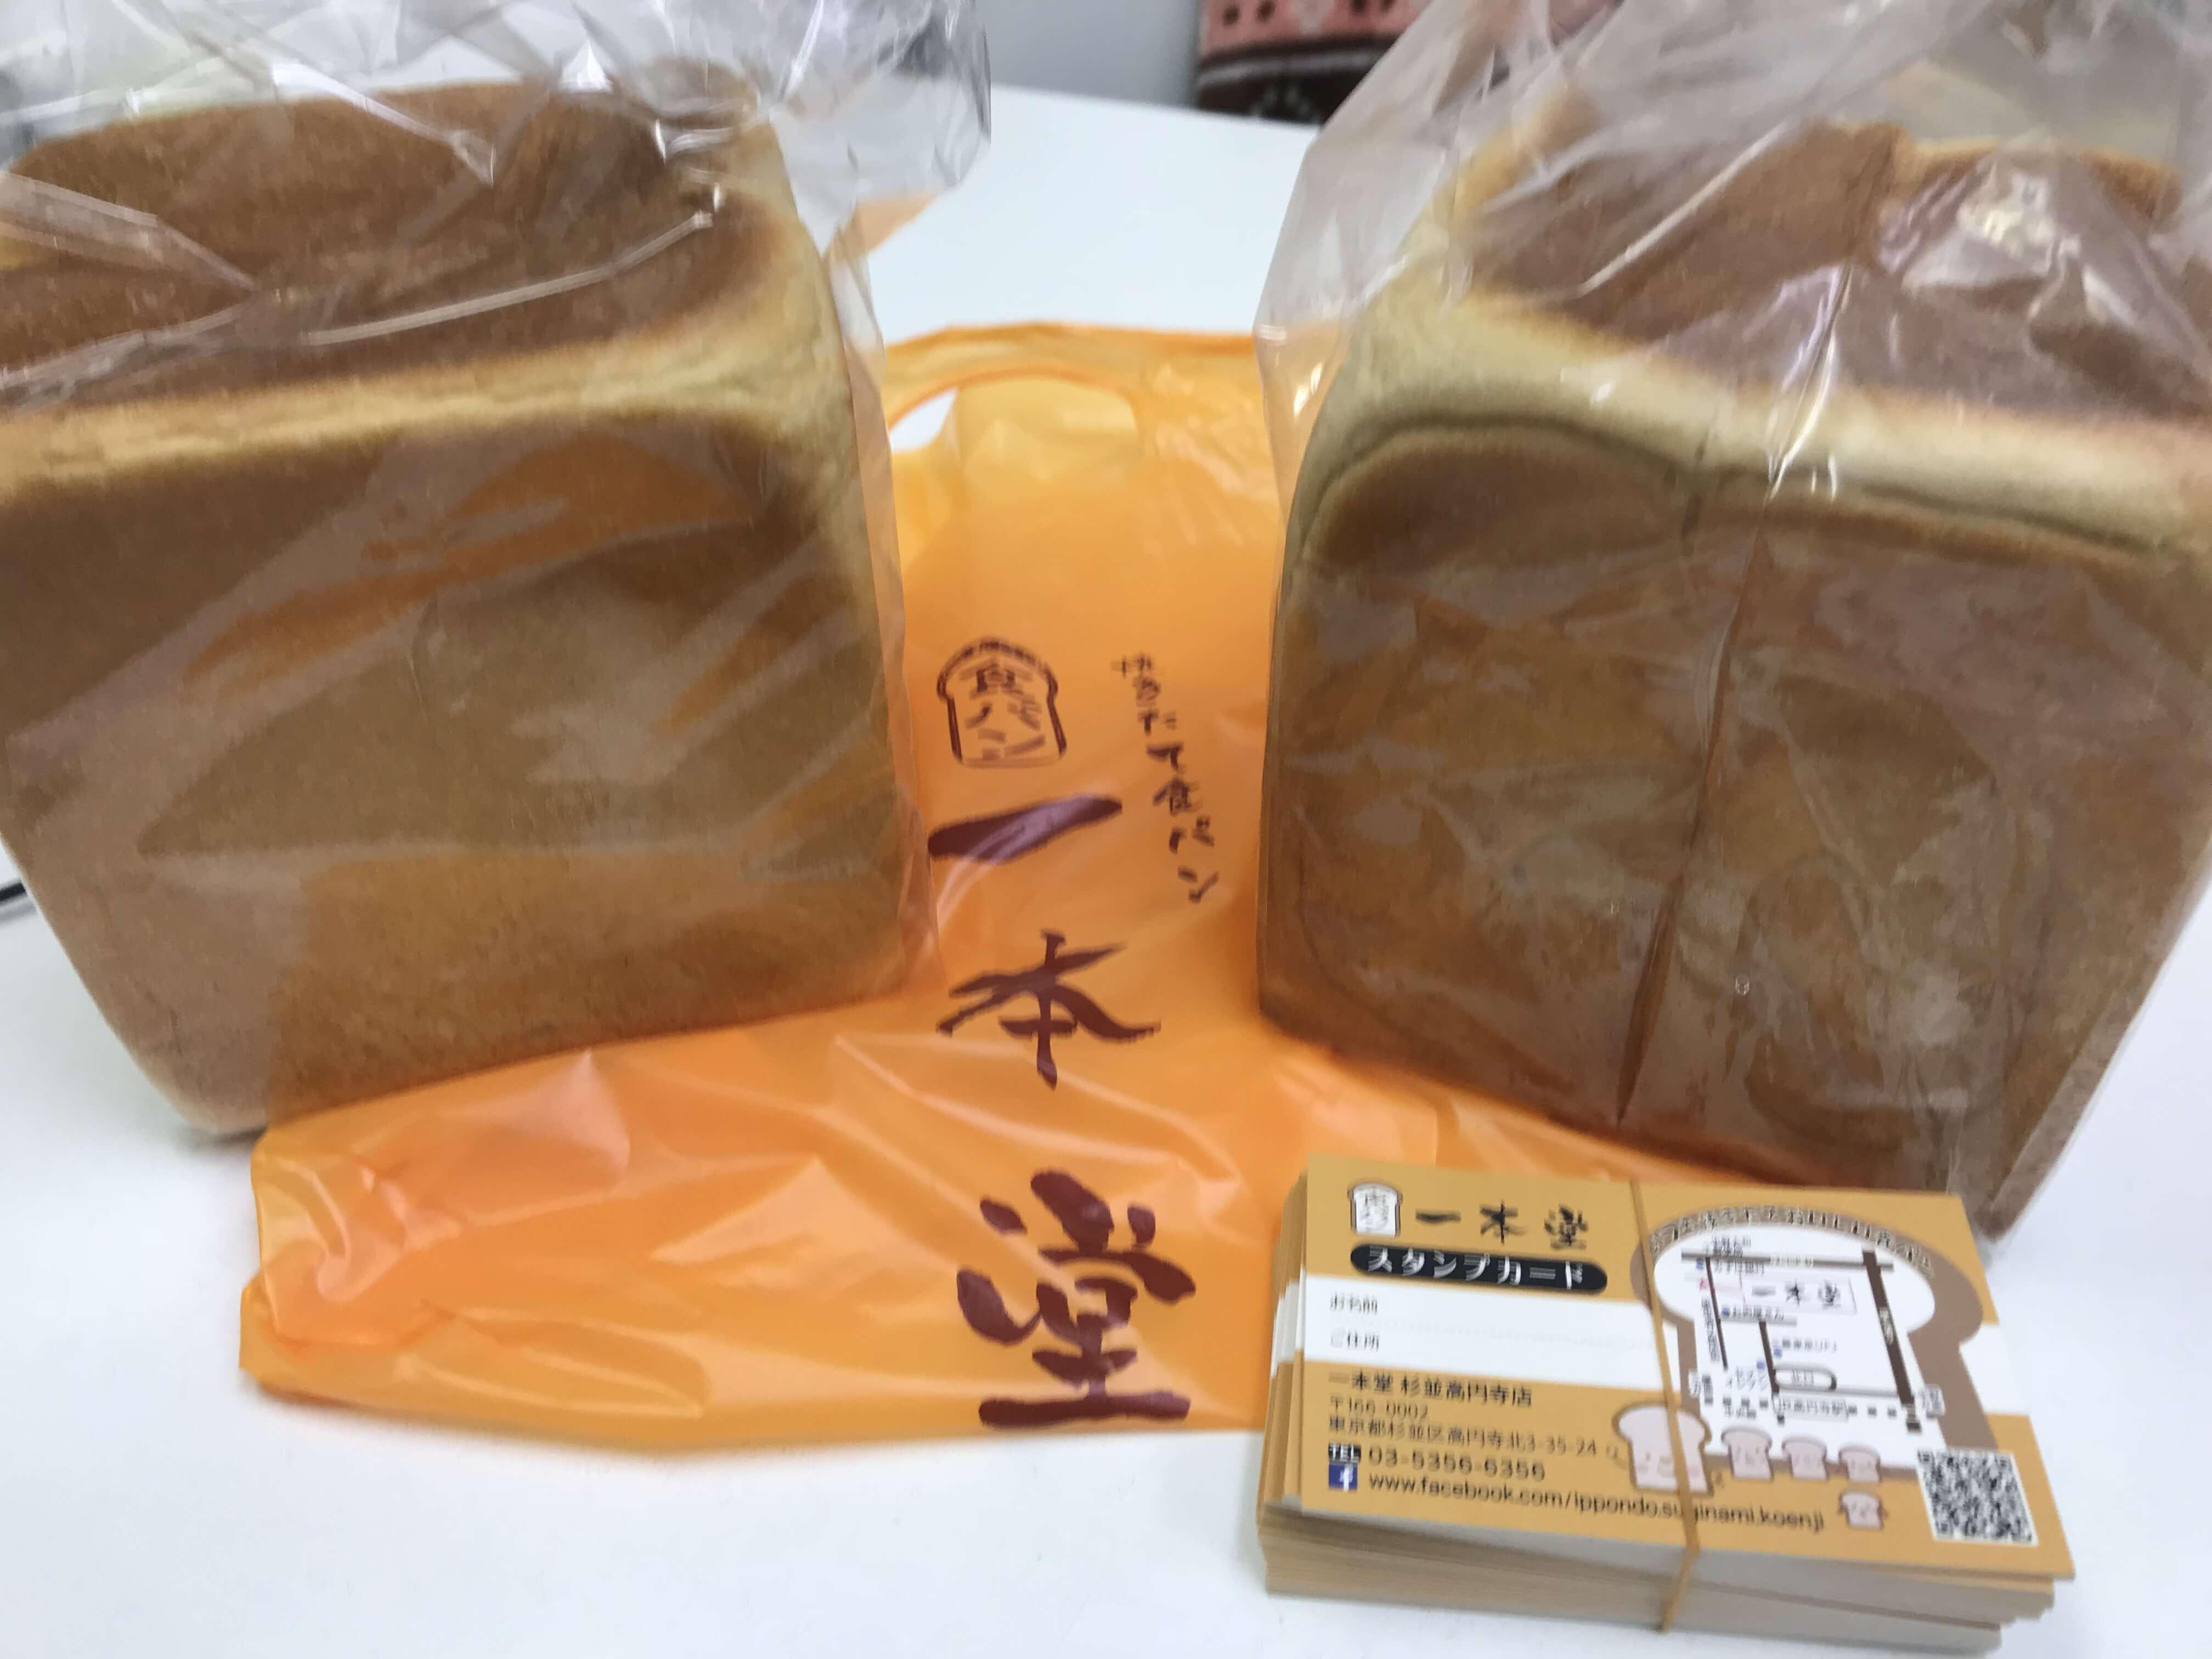 高円寺一本堂低糖食パン2つ